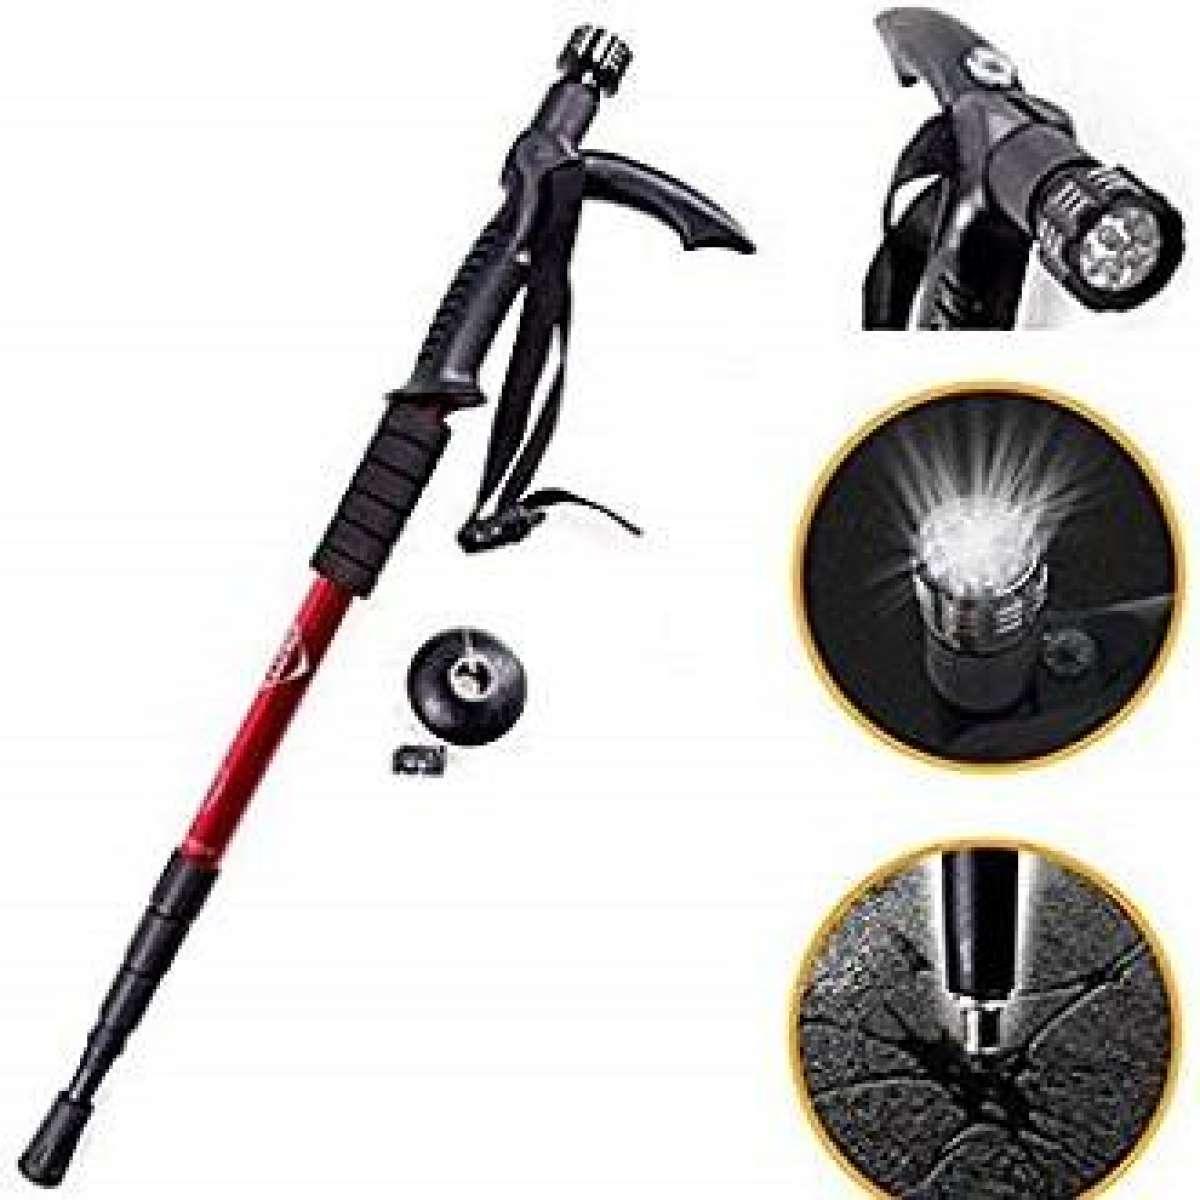 Adjustable AntiShock Hiking Stick Trekking Walking and Travel Stick - 1 Pc